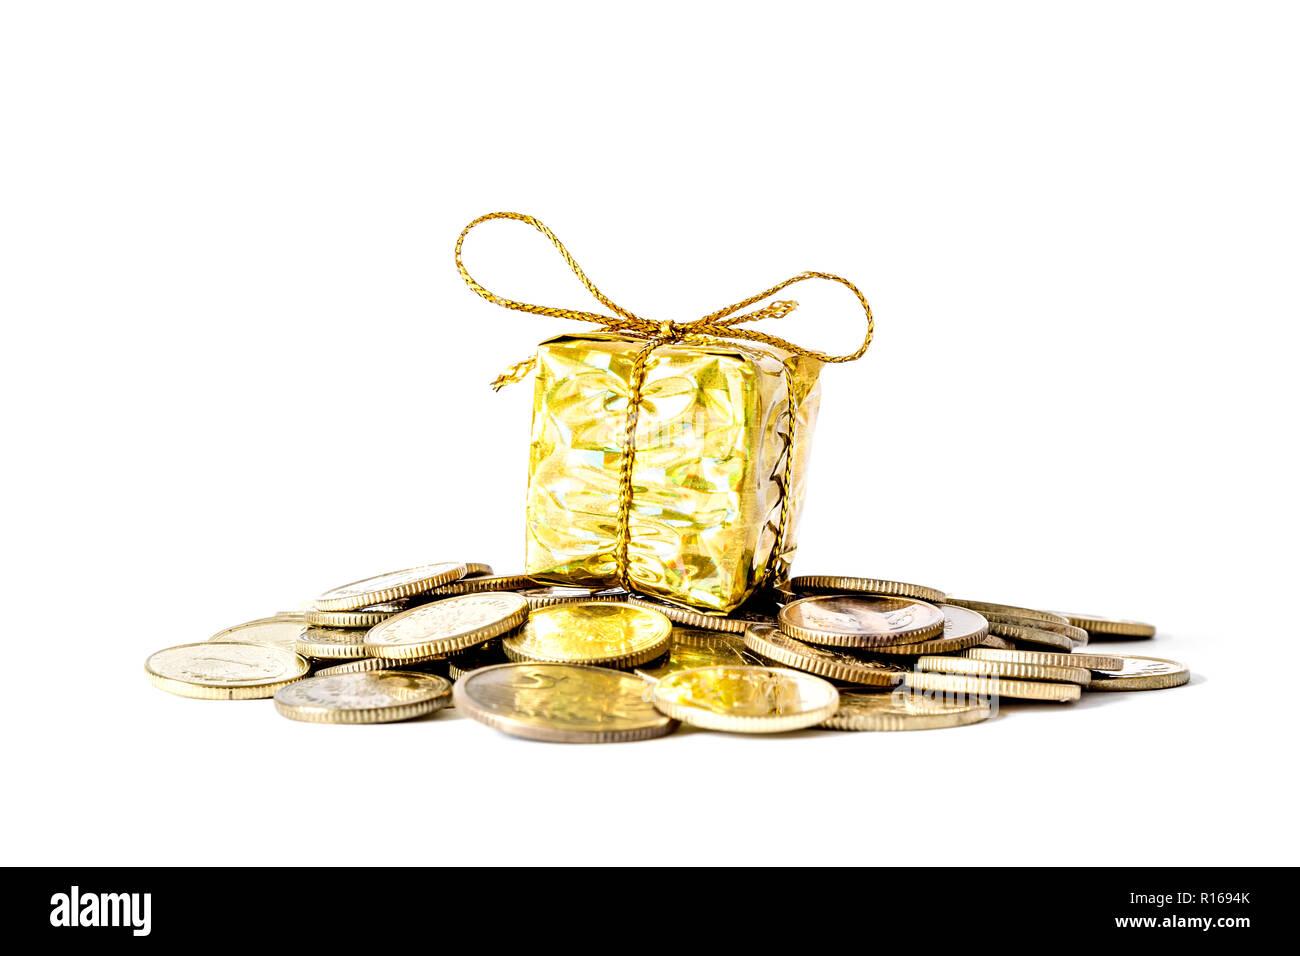 Geschenk In Gold Verpackung Verband Mit Einem Bogen Auf Dem Berg Mit